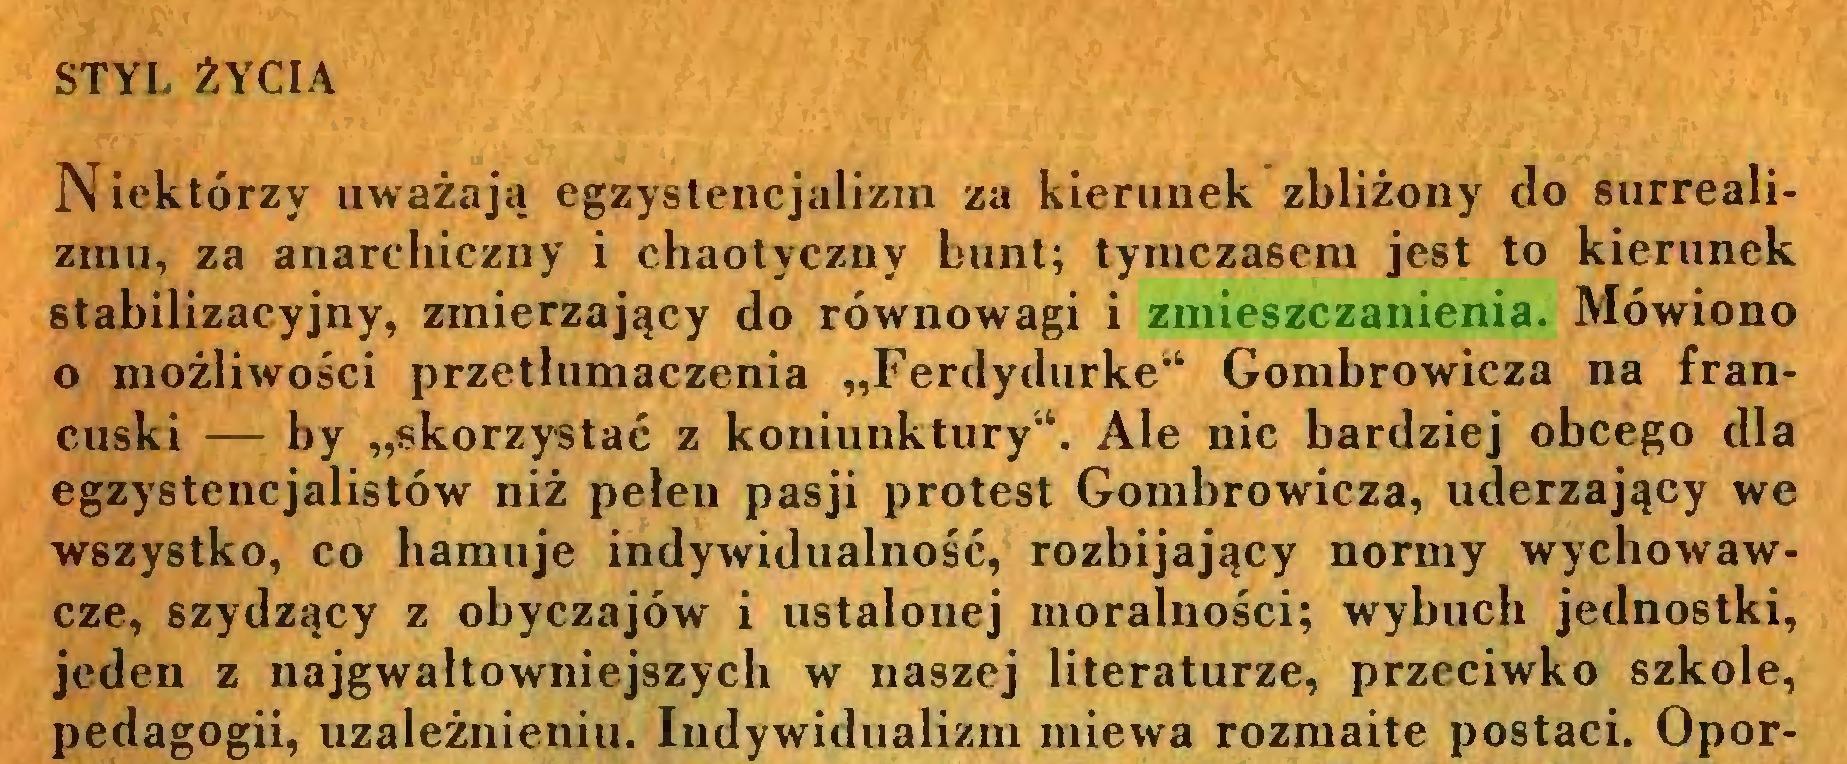 """(...) STYL ŻYCIA Niektórzy uważają egzystencjalizin za kierunek zbliżony do surrealizmu, za anarchiczny i chaotyczny bunt; tymczasem jest to kierunek stabilizacyjny, zmierzający do równowagi i zmieszczanienia. Mówiono o możliwości przetłumaczenia """"Ferdydurke11 Gombrowicza na francuski — by """"skorzystać z koniunktury'1. Ale nic bardziej obcego dla egzystencjalistów niż pełen pasji protest Gombrowicza, uderzający we wszystko, co hamuje indywidualność, rozbijający normy wychowawcze, szydzący z obyczajów i ustalonej moralności; wybuch jednostki, jeden z najgwałtowniejszych w naszej literaturze, przeciwko szkole, pedagogii, uzależnieniu. Indywidualizm miewa rozmaite postaci. Opor..."""